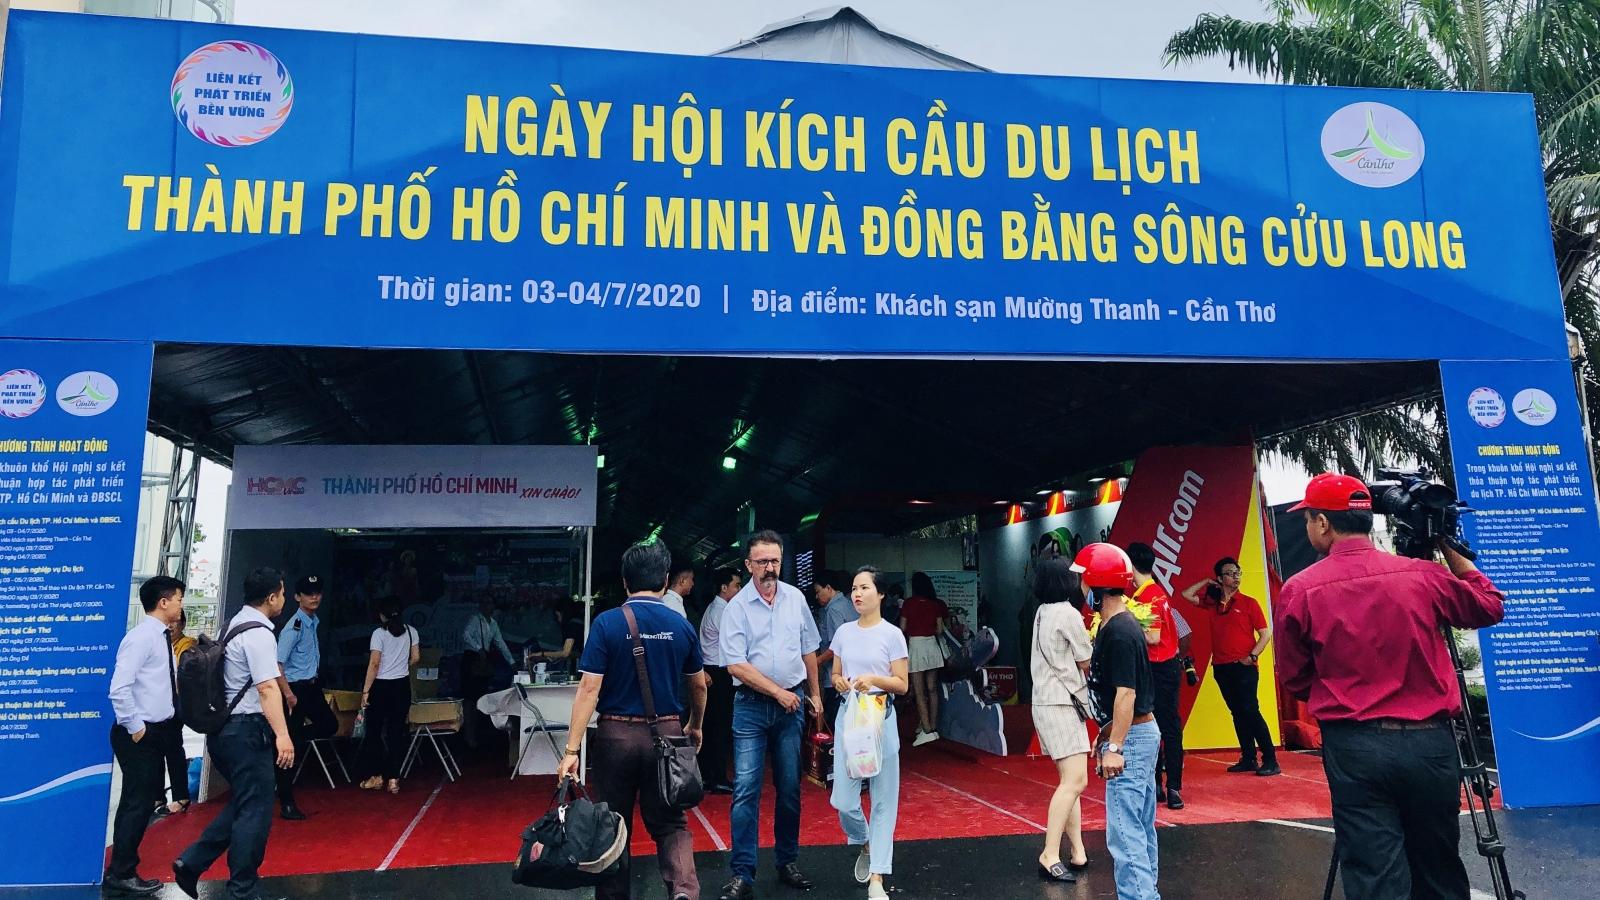 Khai mạc Ngày hội kích cầu du lịch thành phố Hồ Chí Minh và ĐBSCL